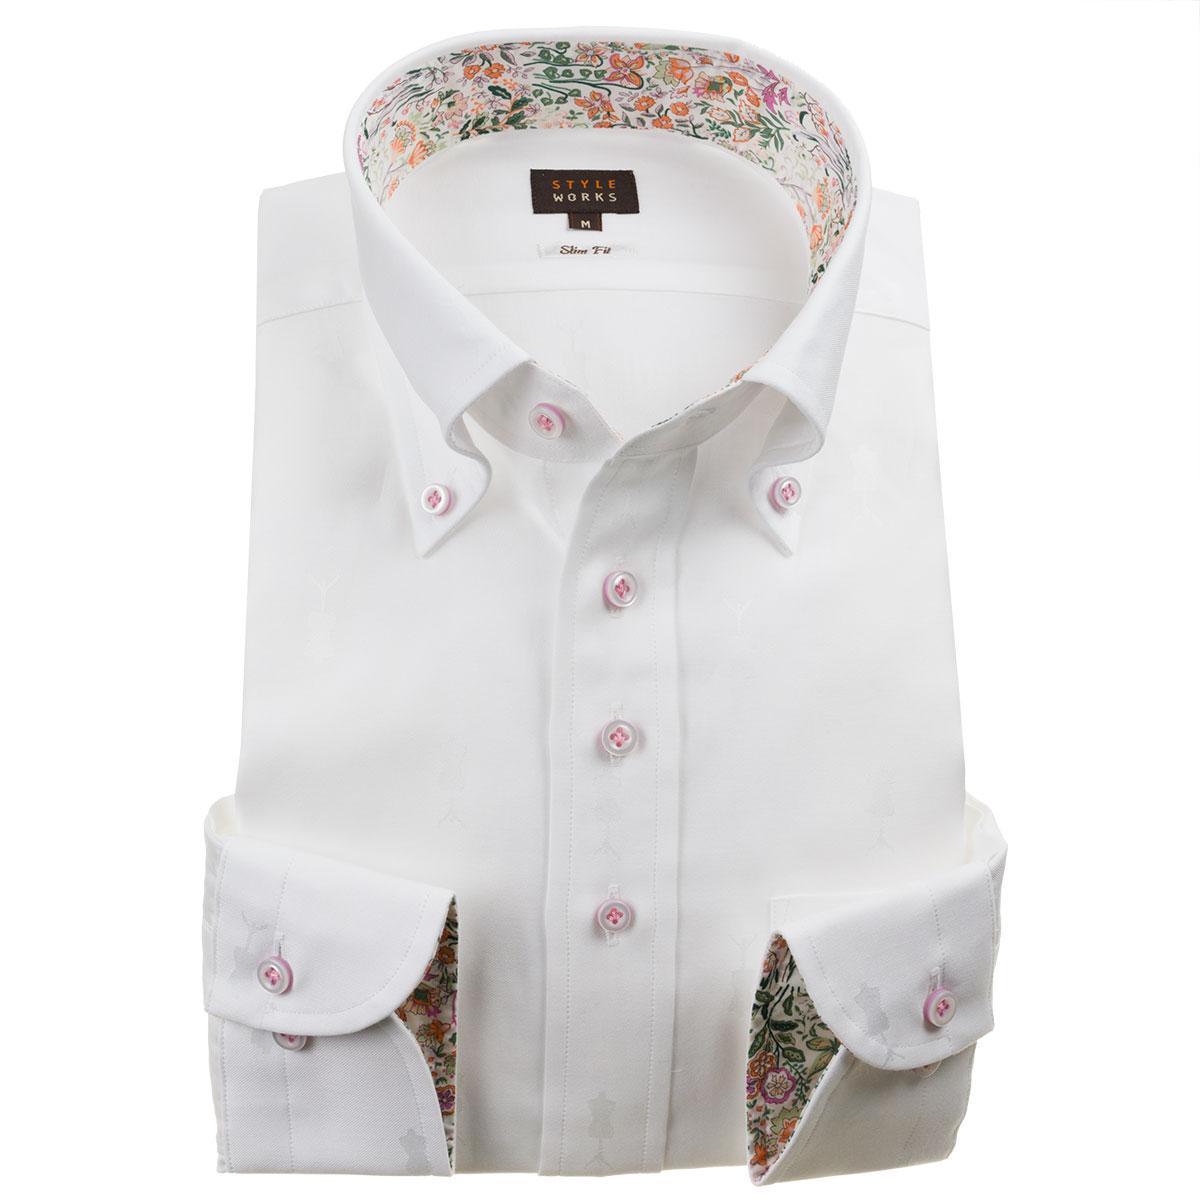 ドレスシャツ ワイシャツ シャツ メンズ 国産 長袖 綿100% スリムフィット ボタンダウン ホワイト 【Sサイズ・裄丈81cm】